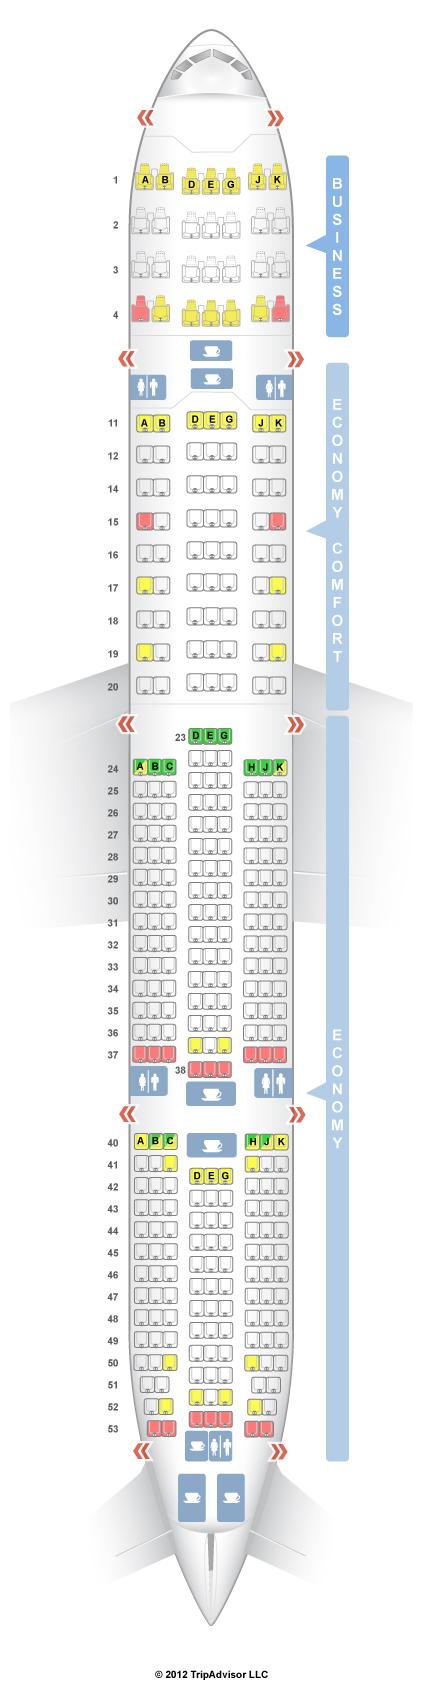 Seatguru seat map turkish airlines boeing er   also rh pinterest